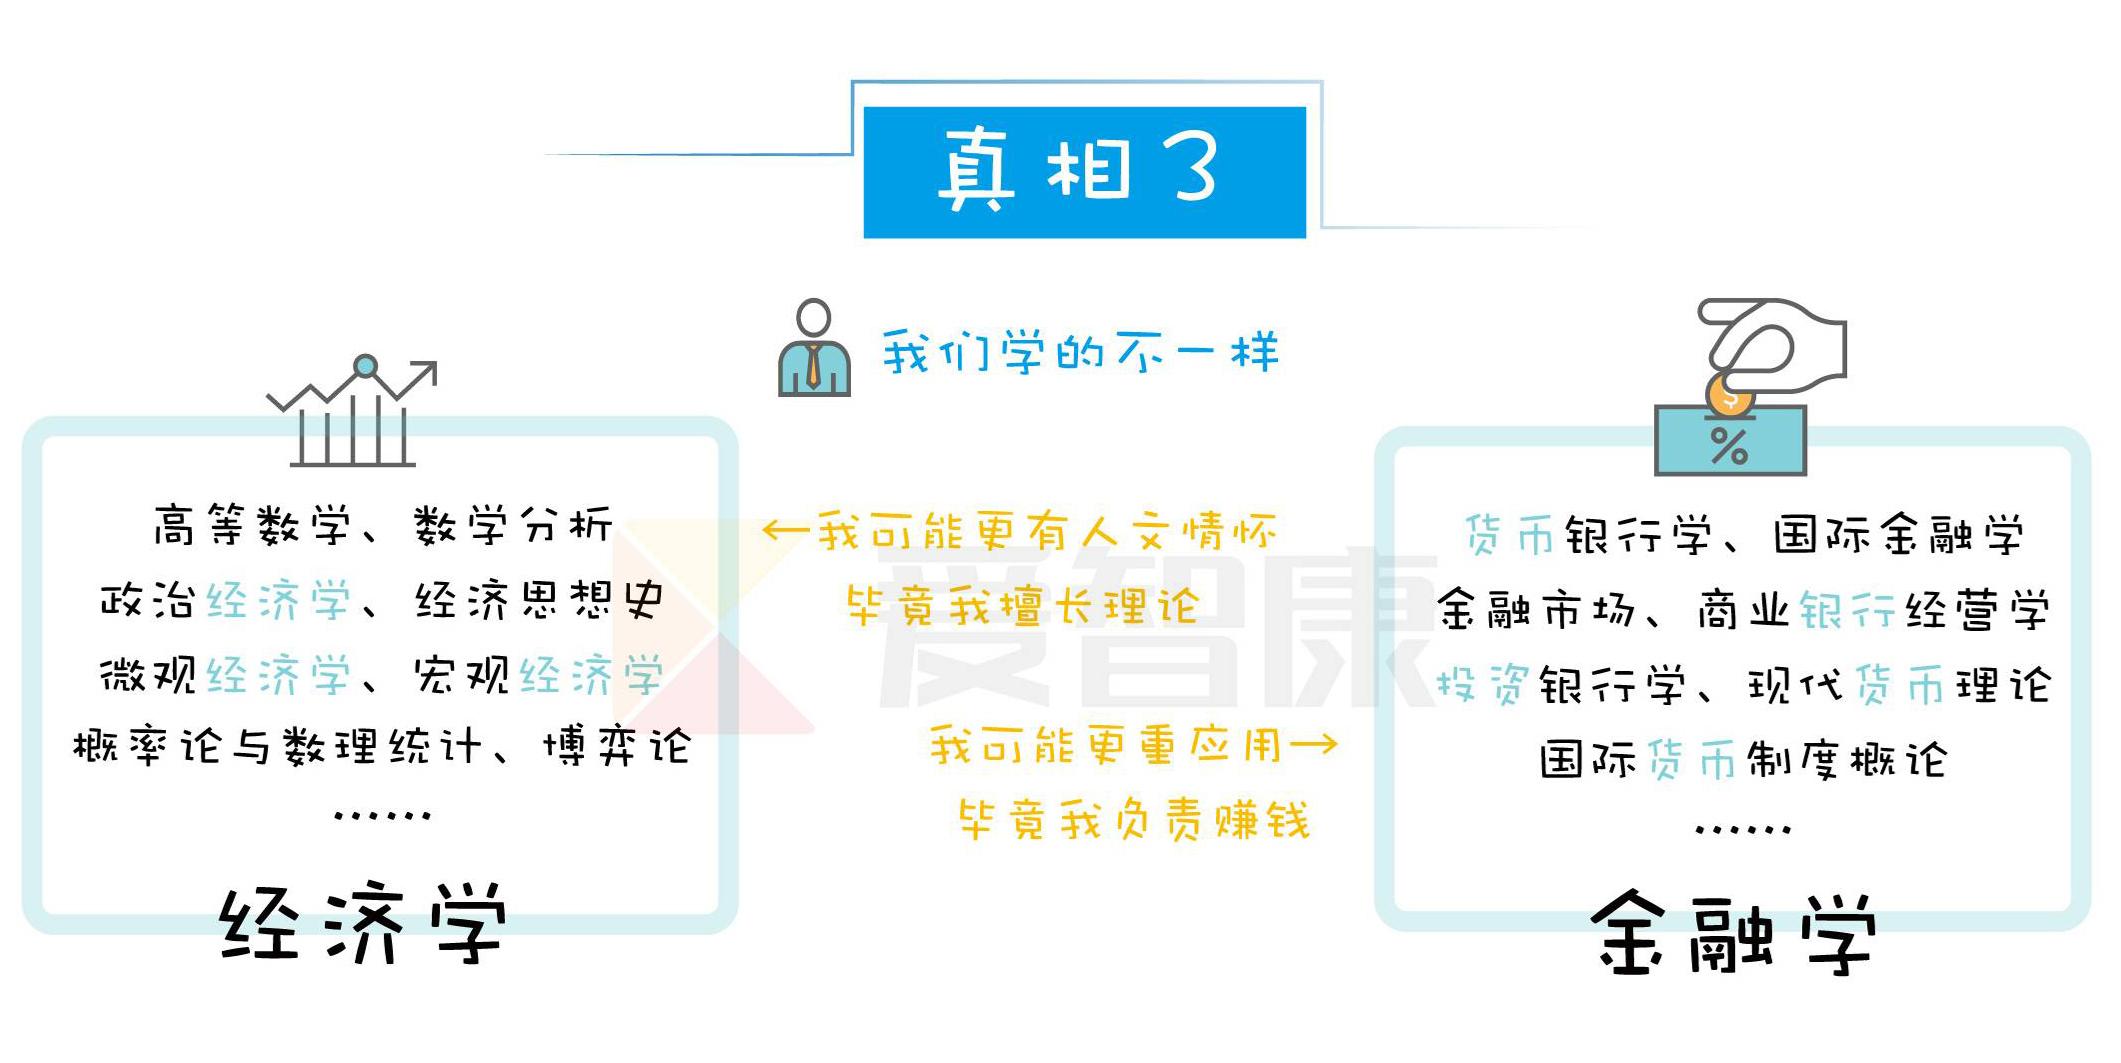 经济学专业就业前景_经济学专业就业前景和方向